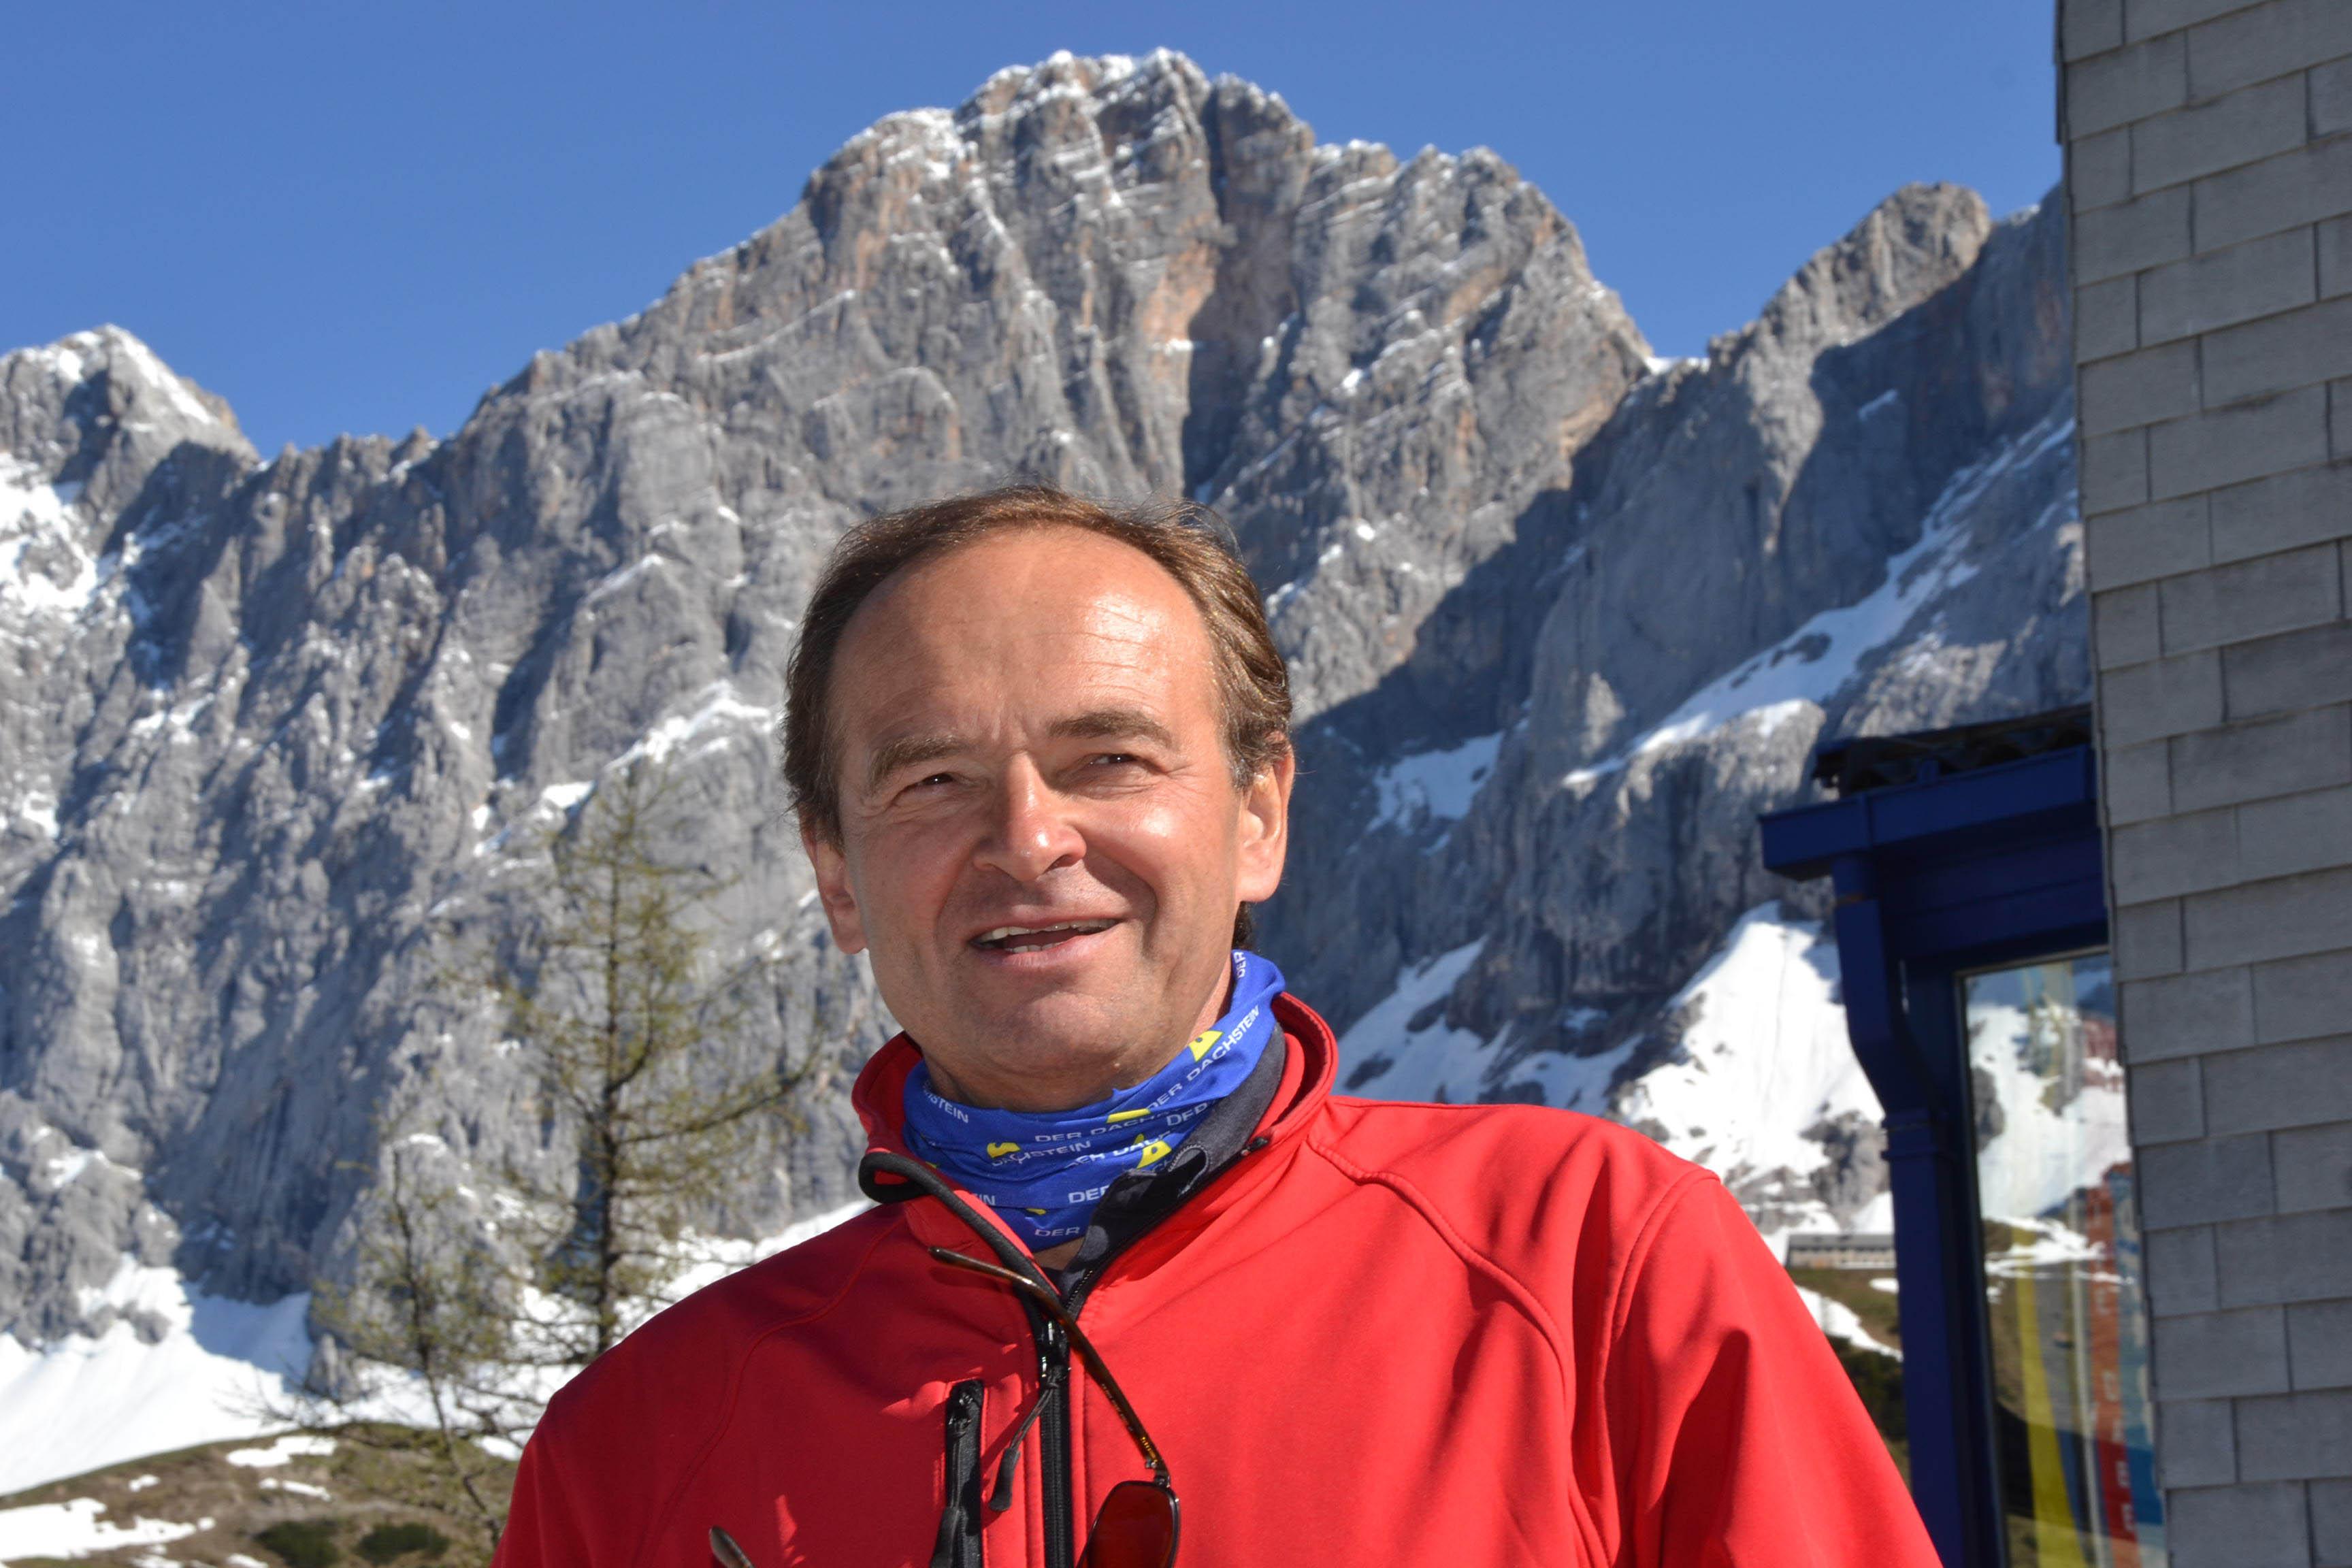 Hier steht die größte Apres-Ski Hütte Österreichs